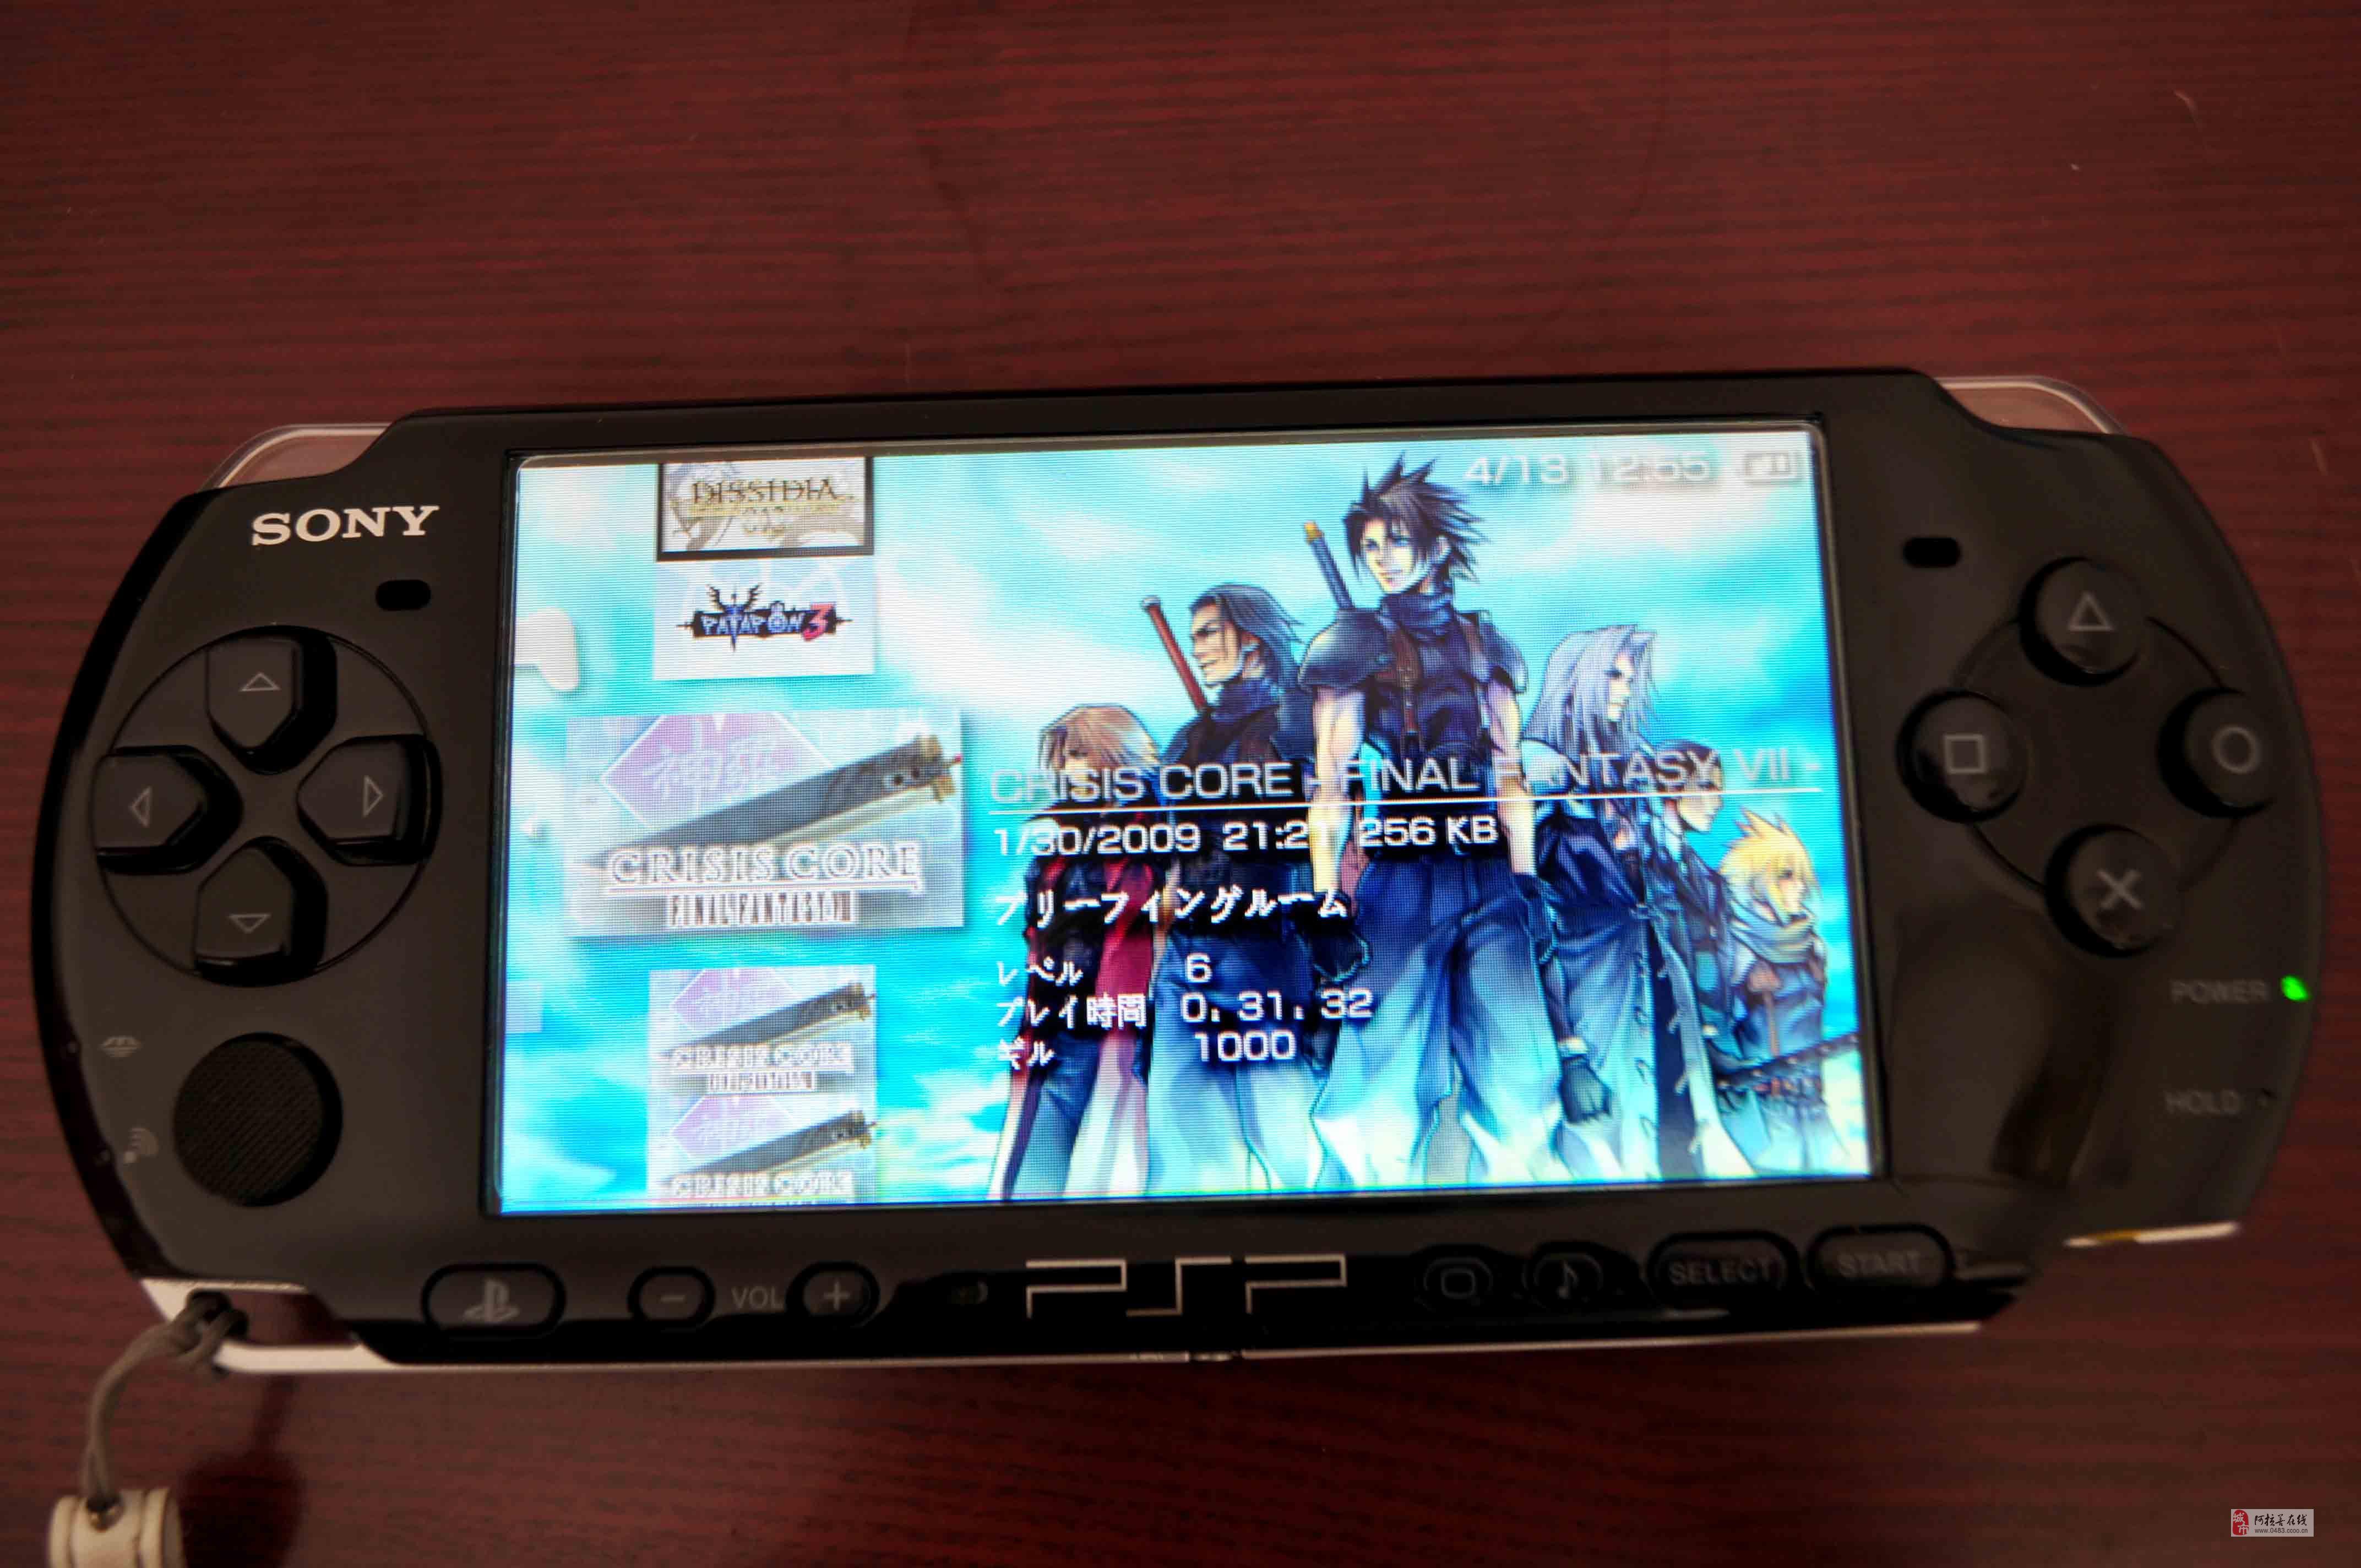 不逊PSP3000零售处置惩罚了